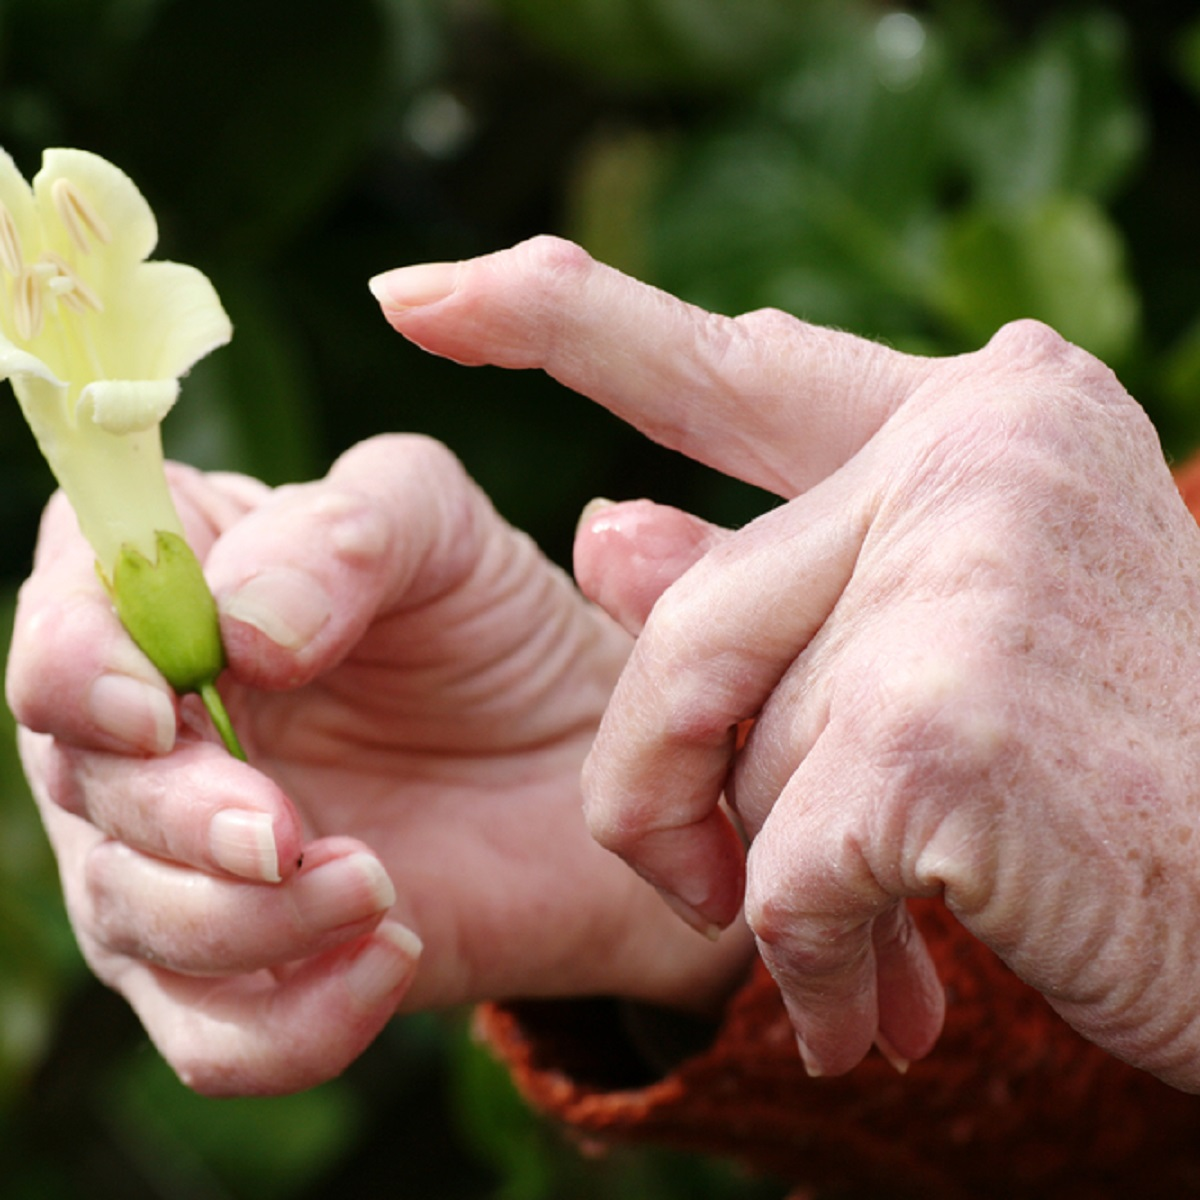 Artriidi artriidi ravi rahvameetodite abil Kuidas eemaldada koju koju poletiku koju